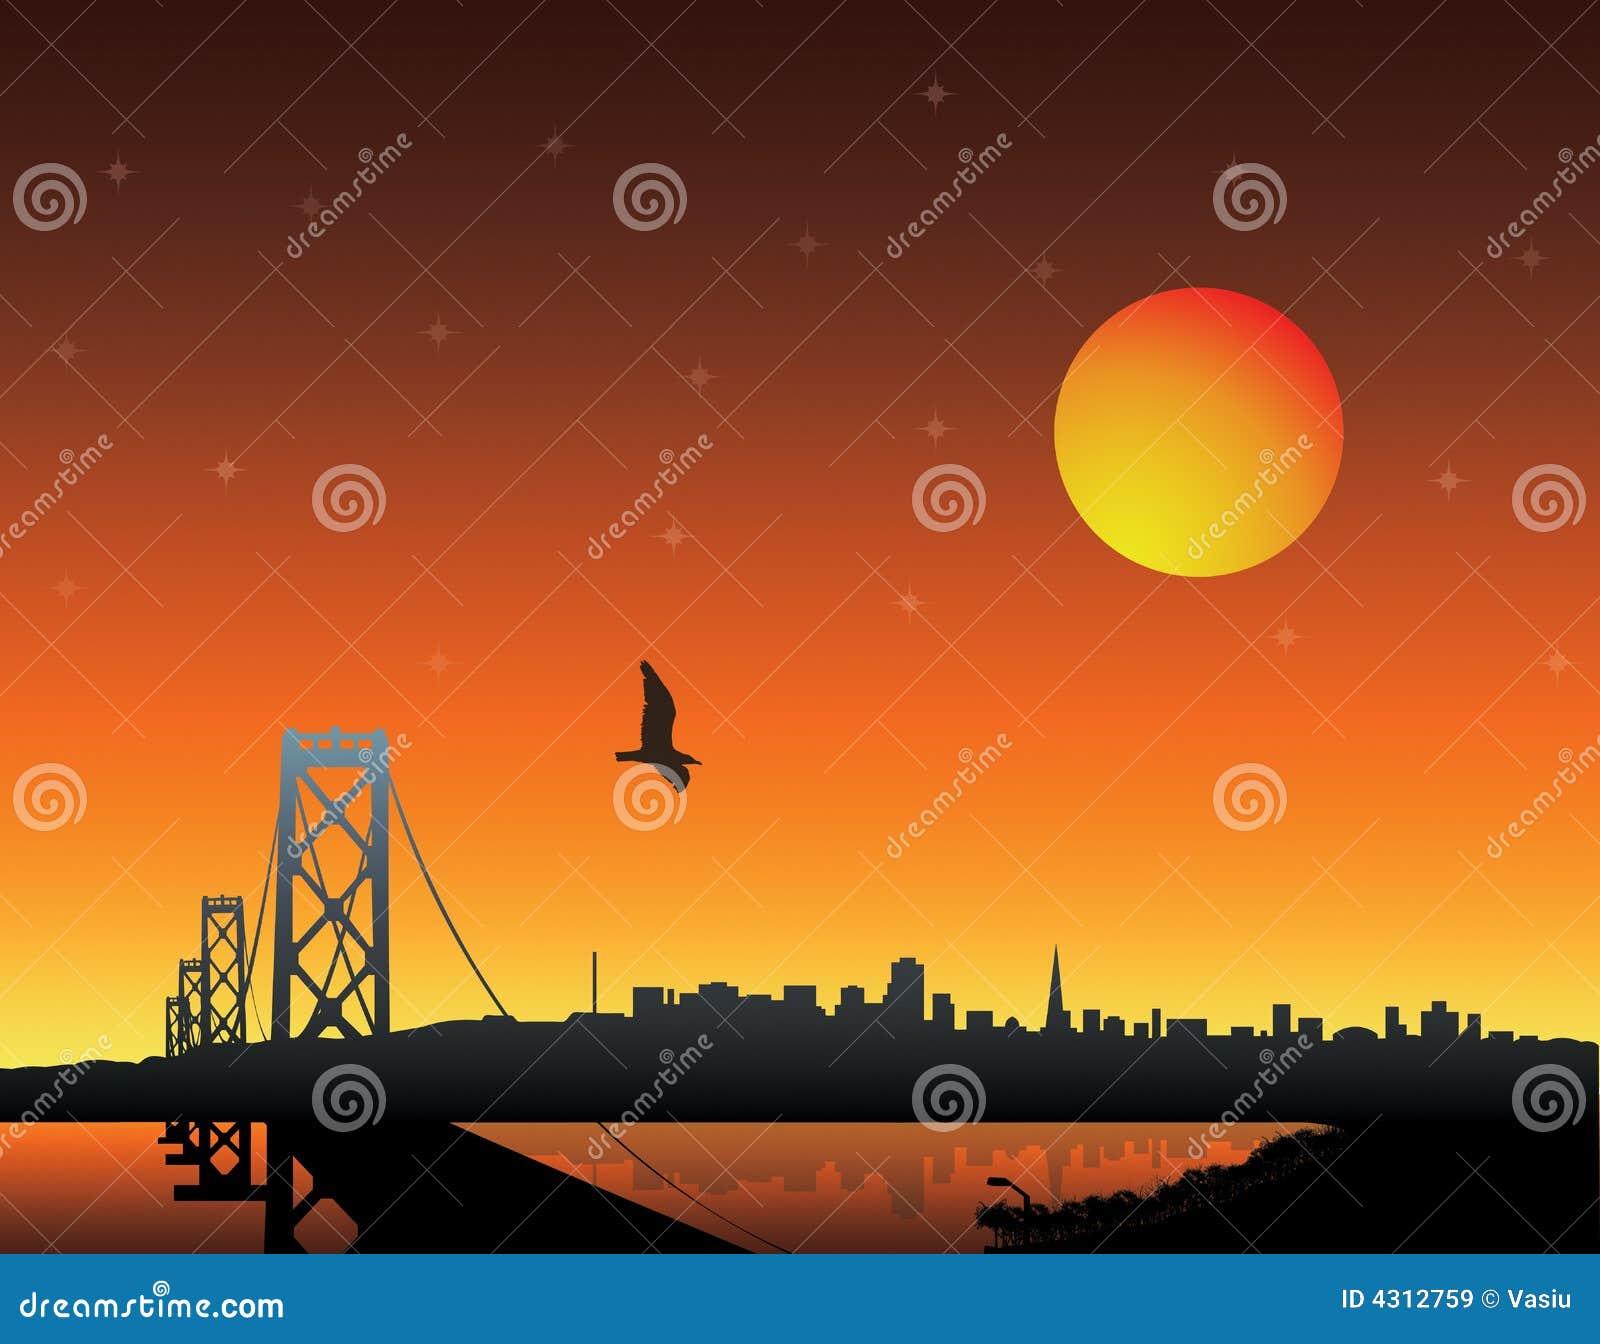 Citaten Over Zonsondergang : Zonsondergang over stad royalty vrije stock afbeeldingen